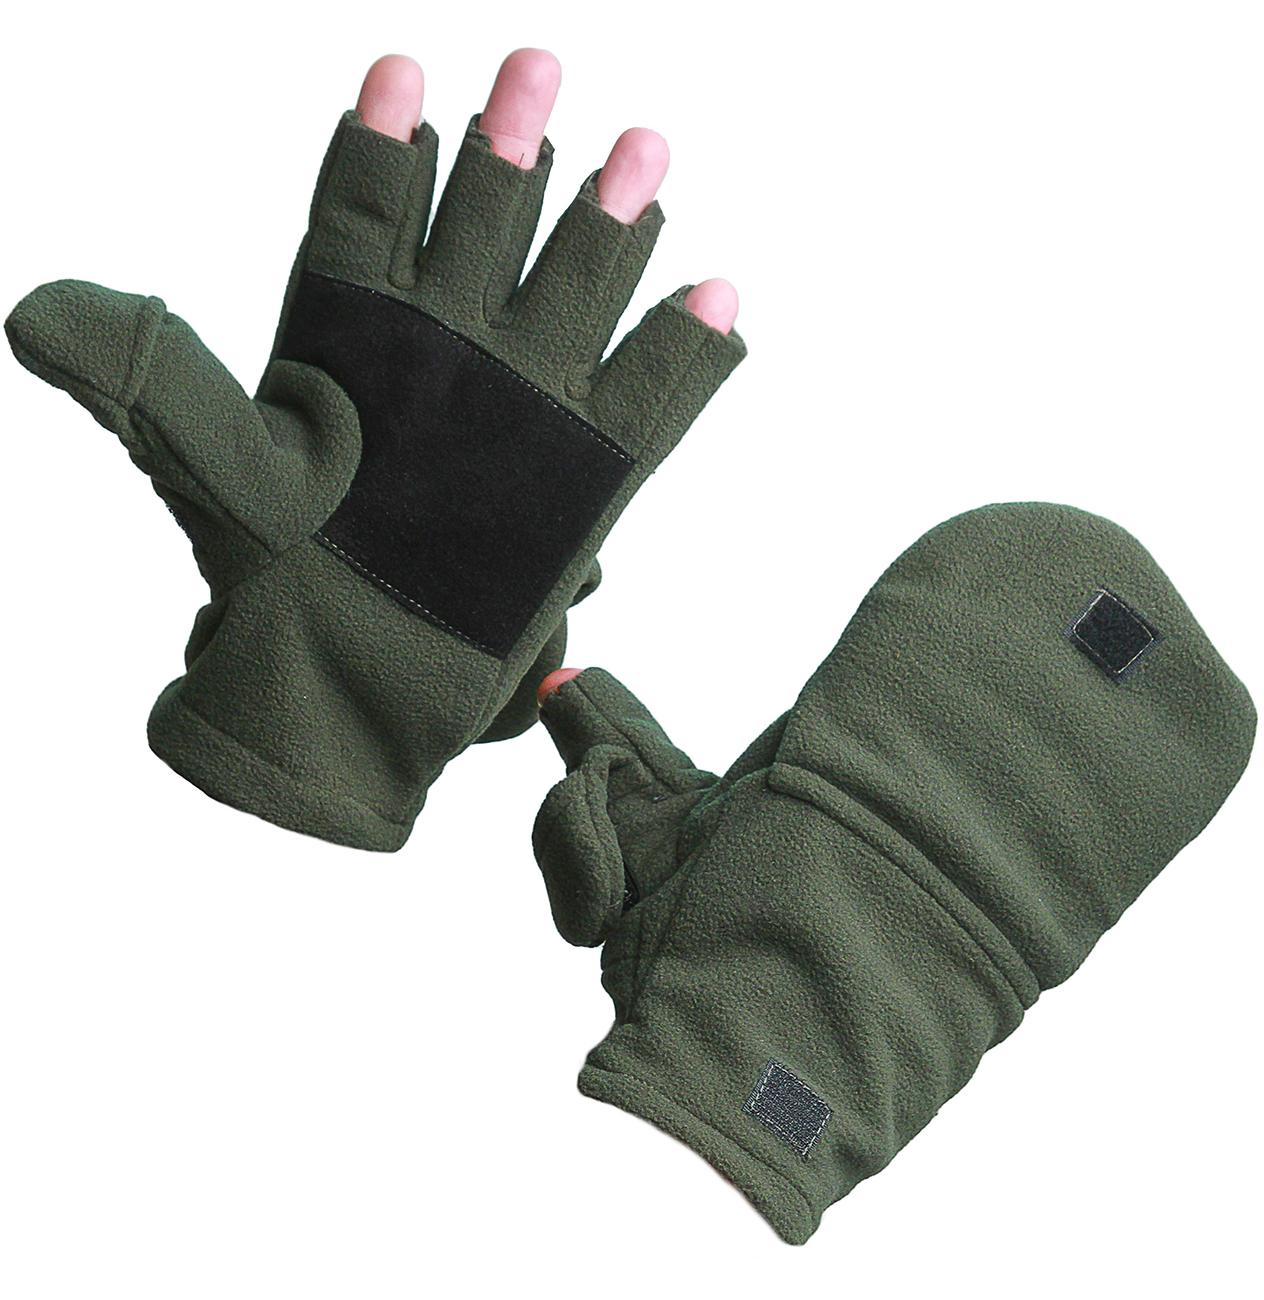 Перчатки/варежки УРСУС ткань флис (Неизвестная Перчатки-варежки<br><br><br>Пол: мужской<br>Сезон: зима<br>Цвет: зеленый